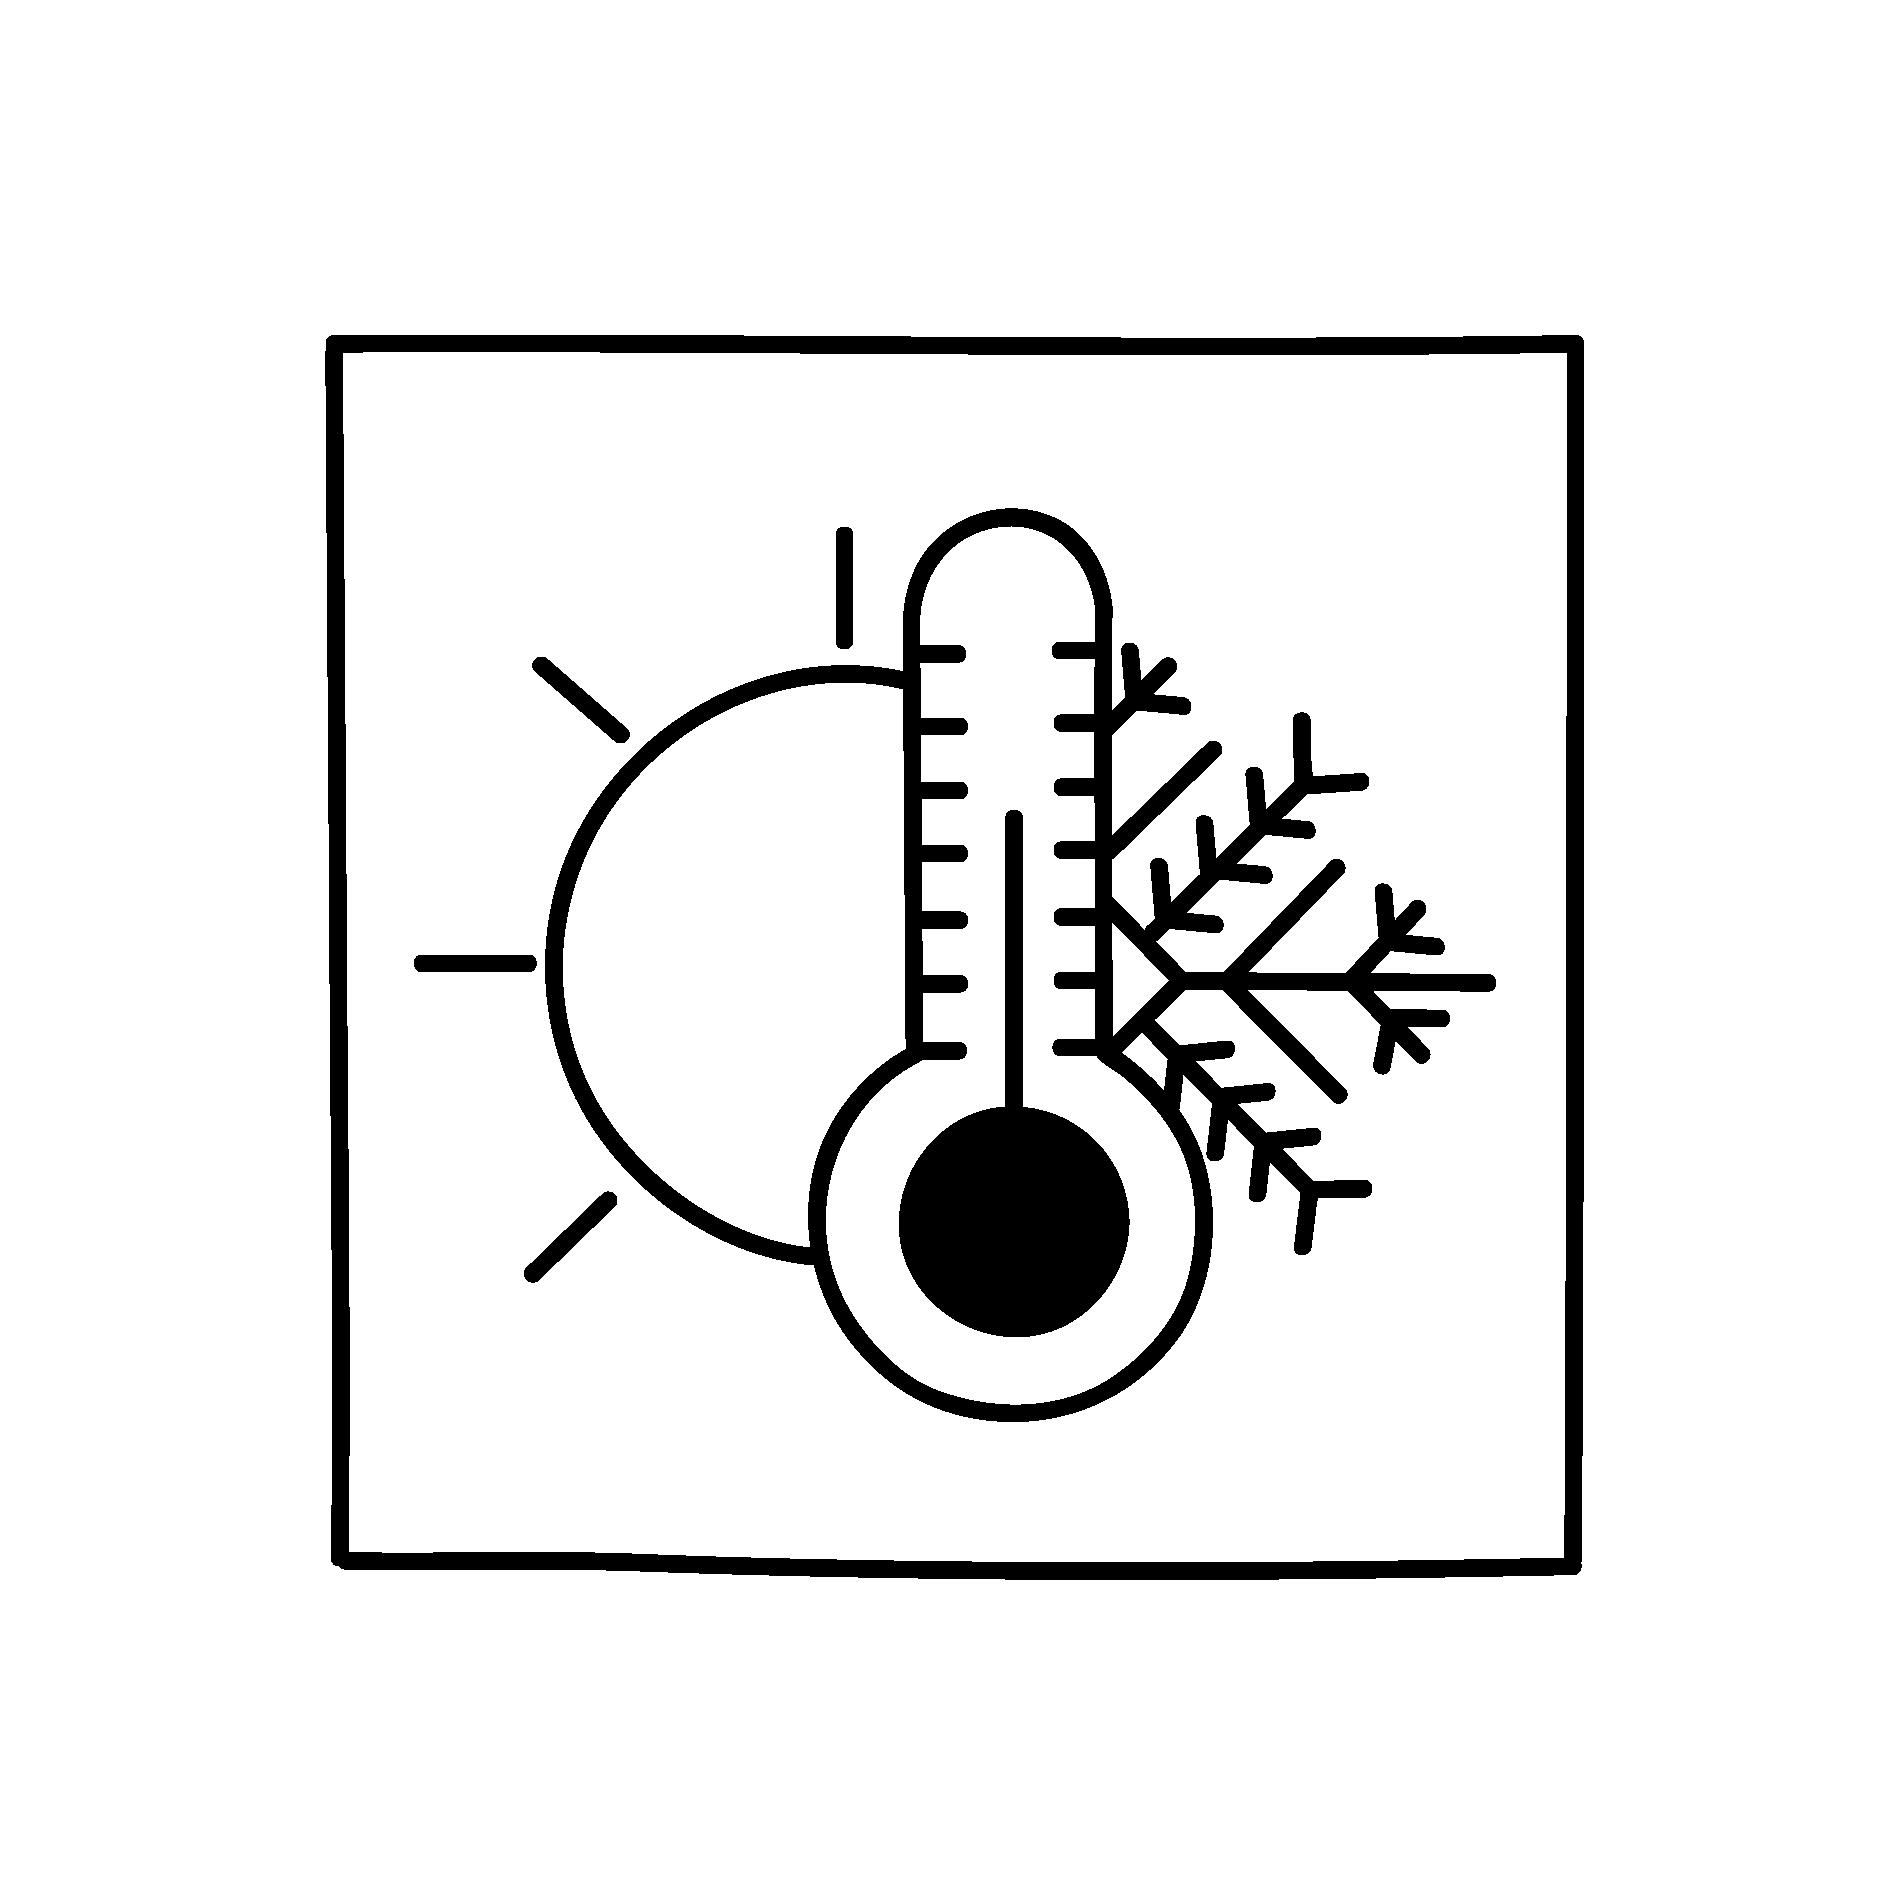 Knapillustrationsforpete-35.png